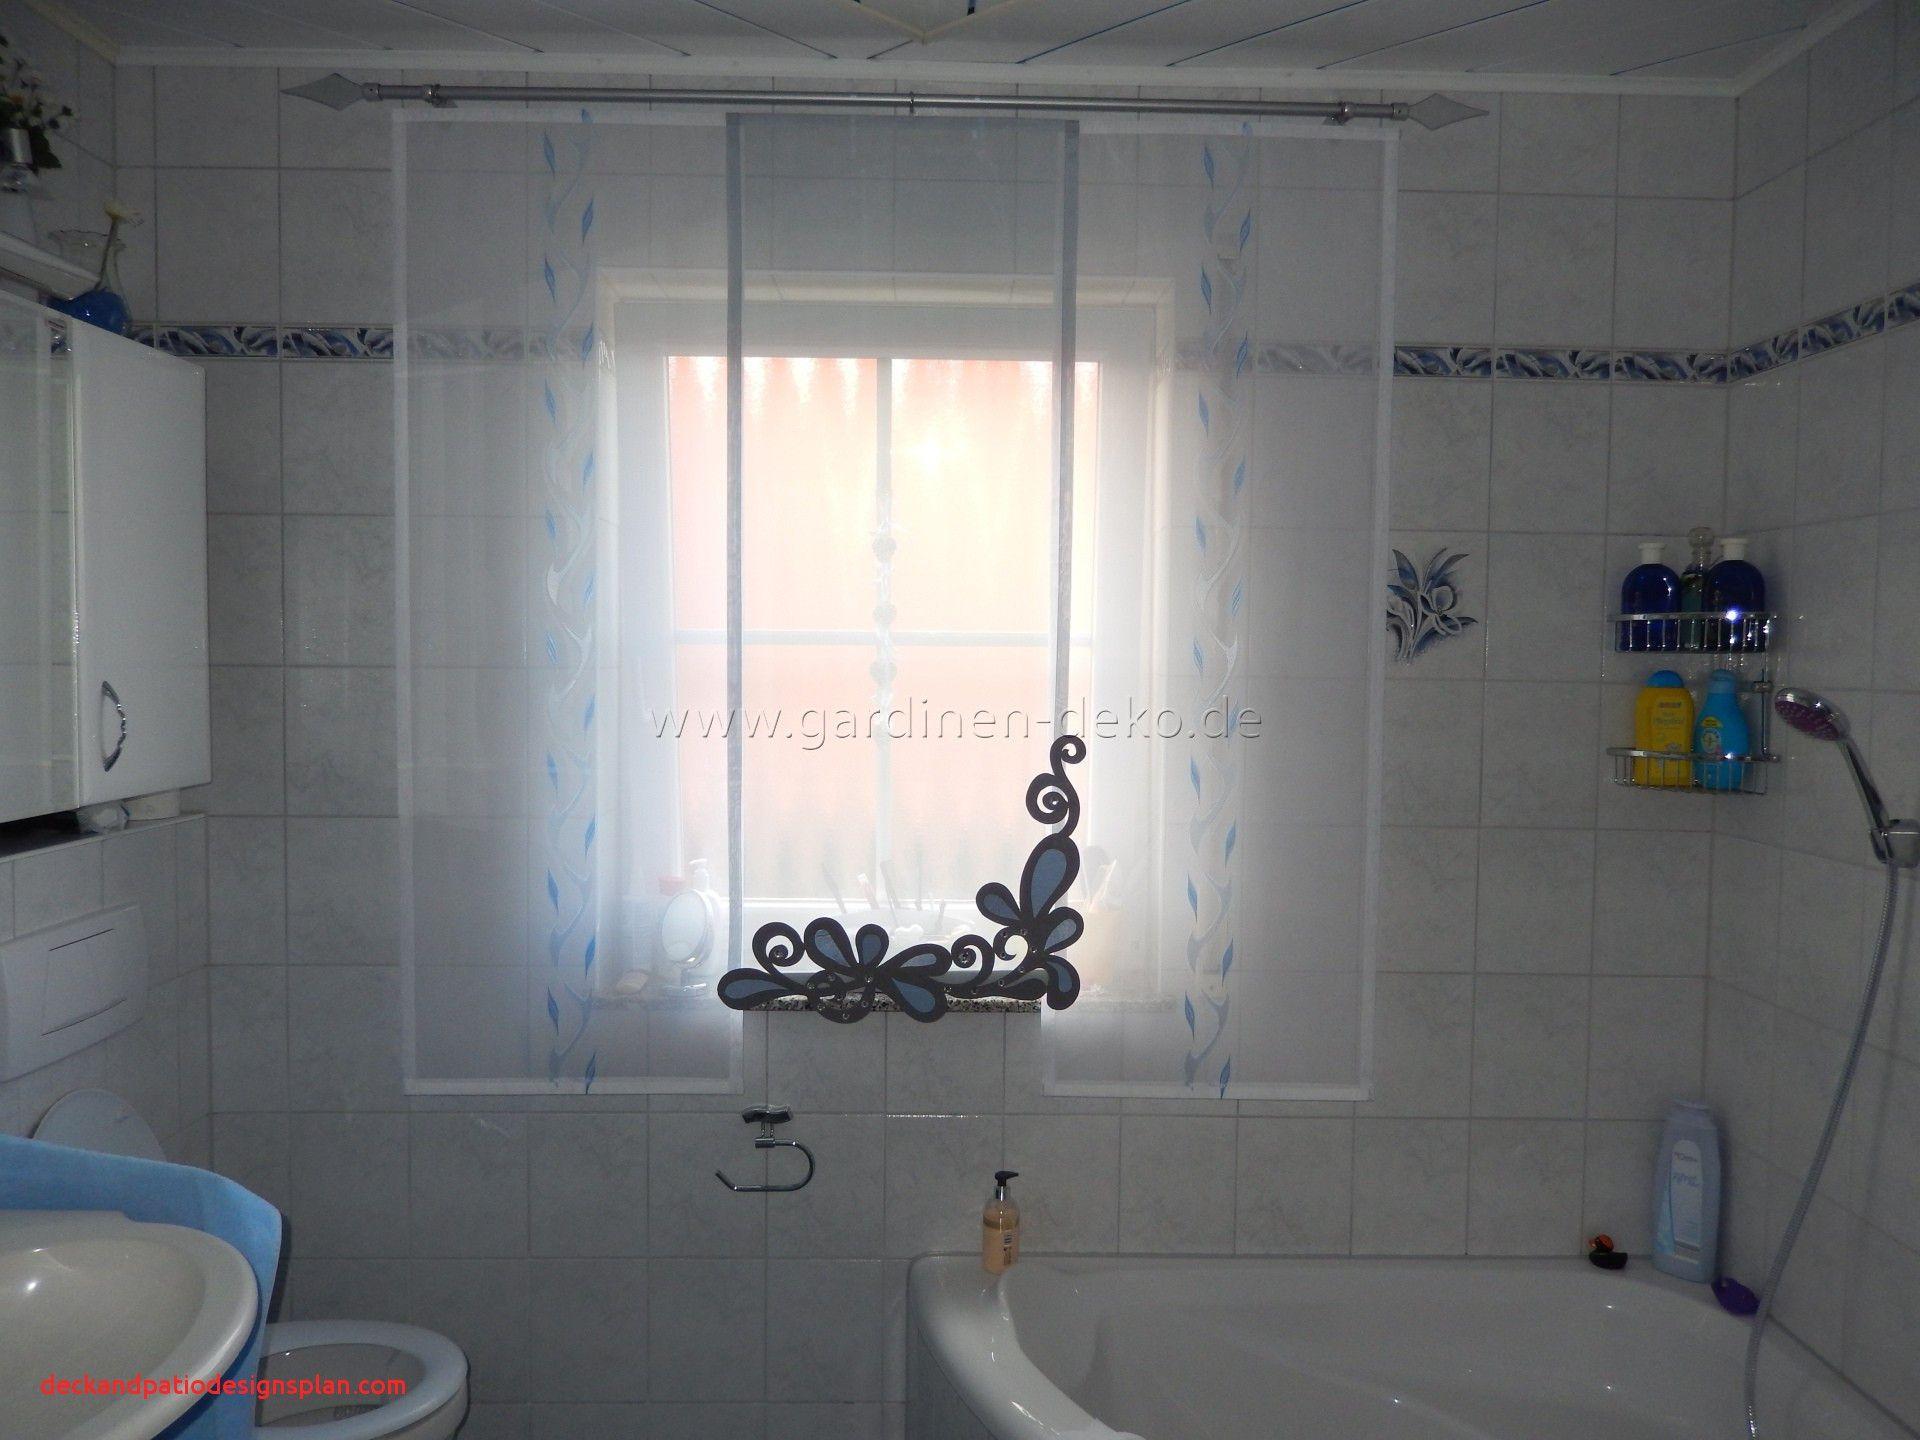 Design 42 Fur Bad Fenster Sichtschutz Check More At Https Www Estadoproperties Com Bad Fenster Sichtsc Badezimmer Aufbewahrung Gardinen Badezimmer Badezimmer